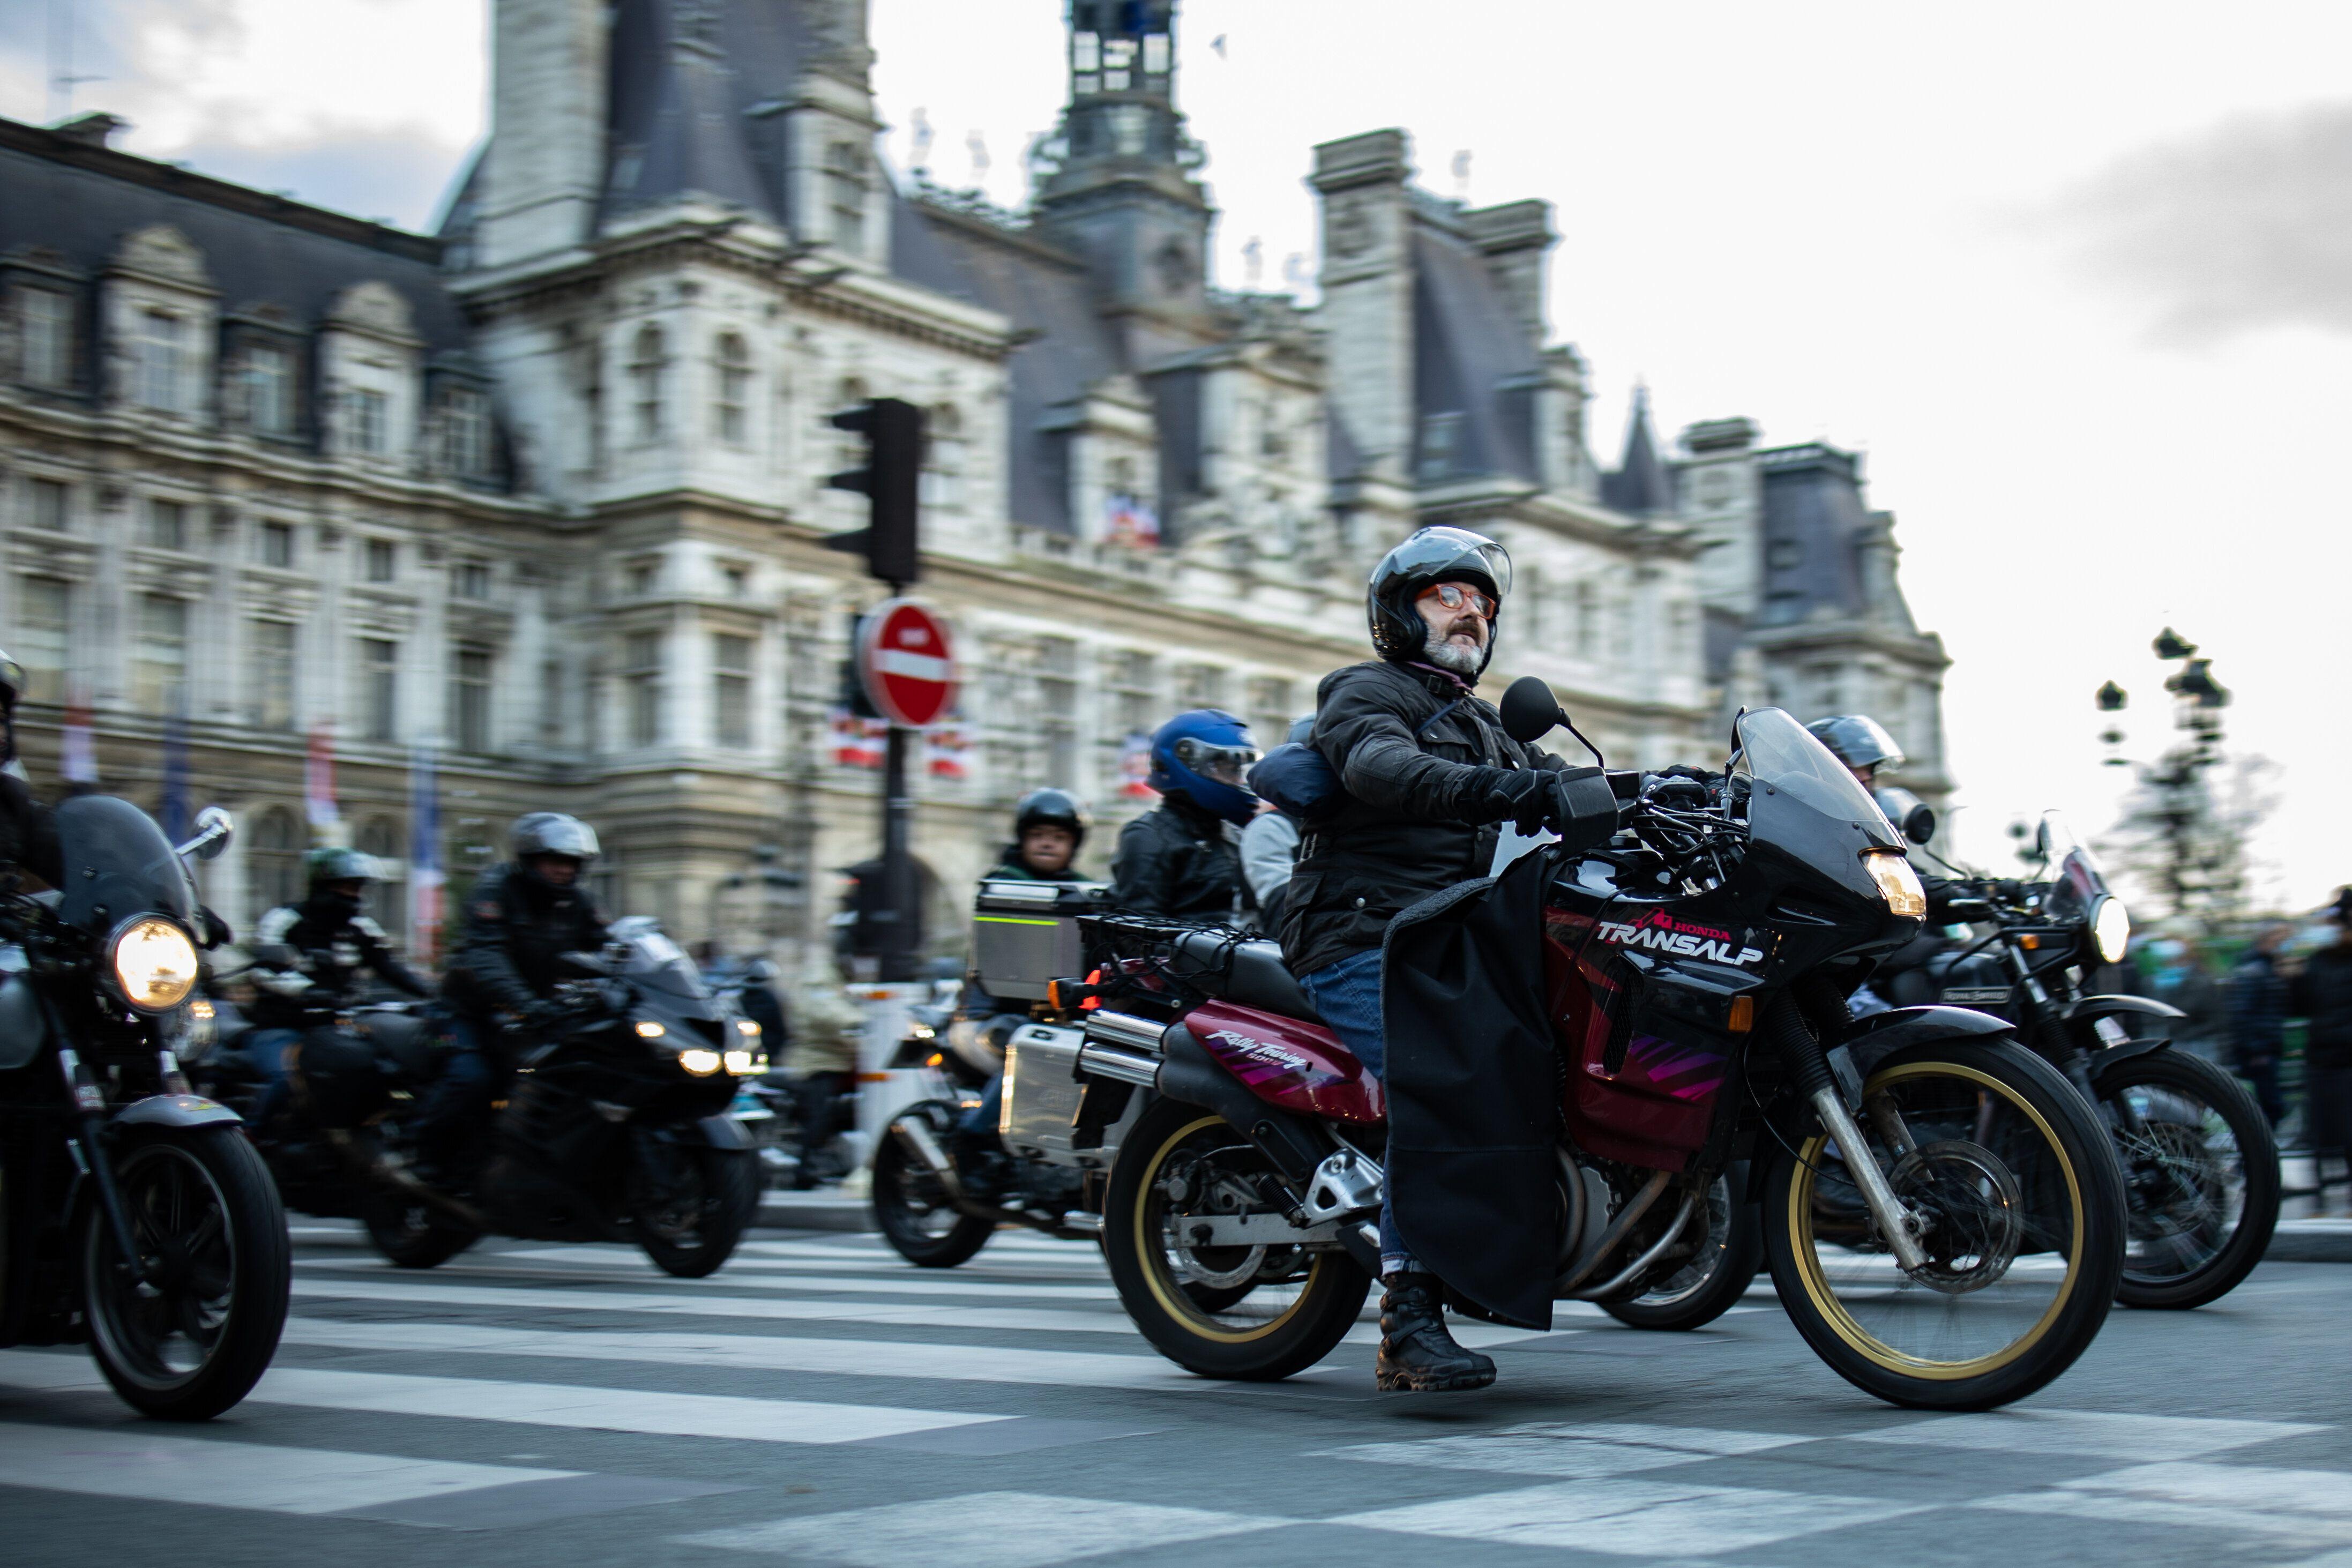 Des motards, ici manifestantcontre le stationnement payant pour les deux-roues à Paris,...